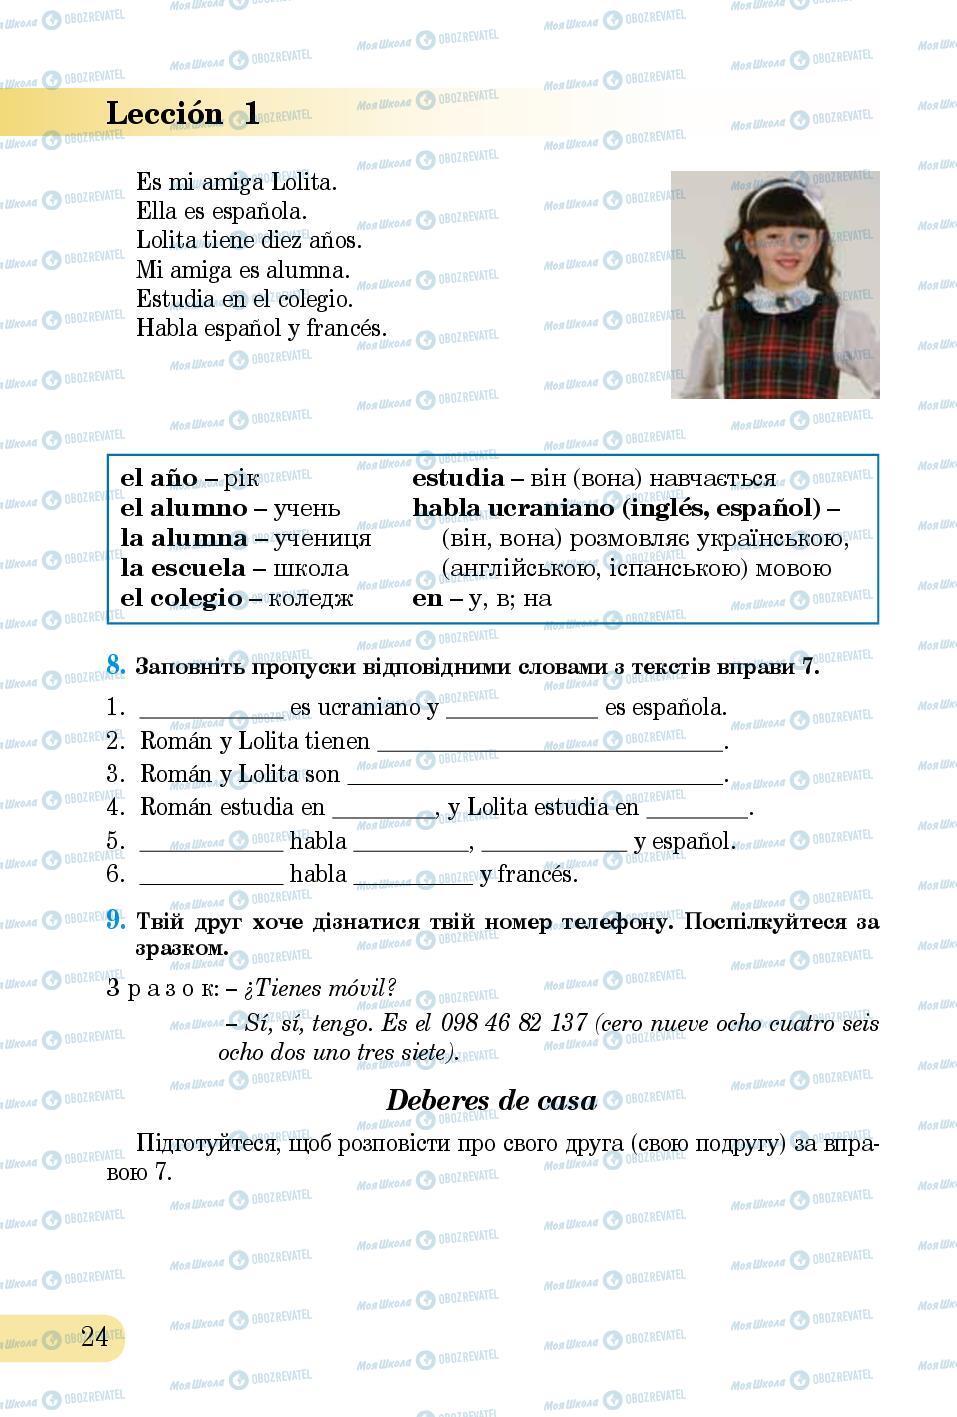 Підручники Іспанська мова 5 клас сторінка 24